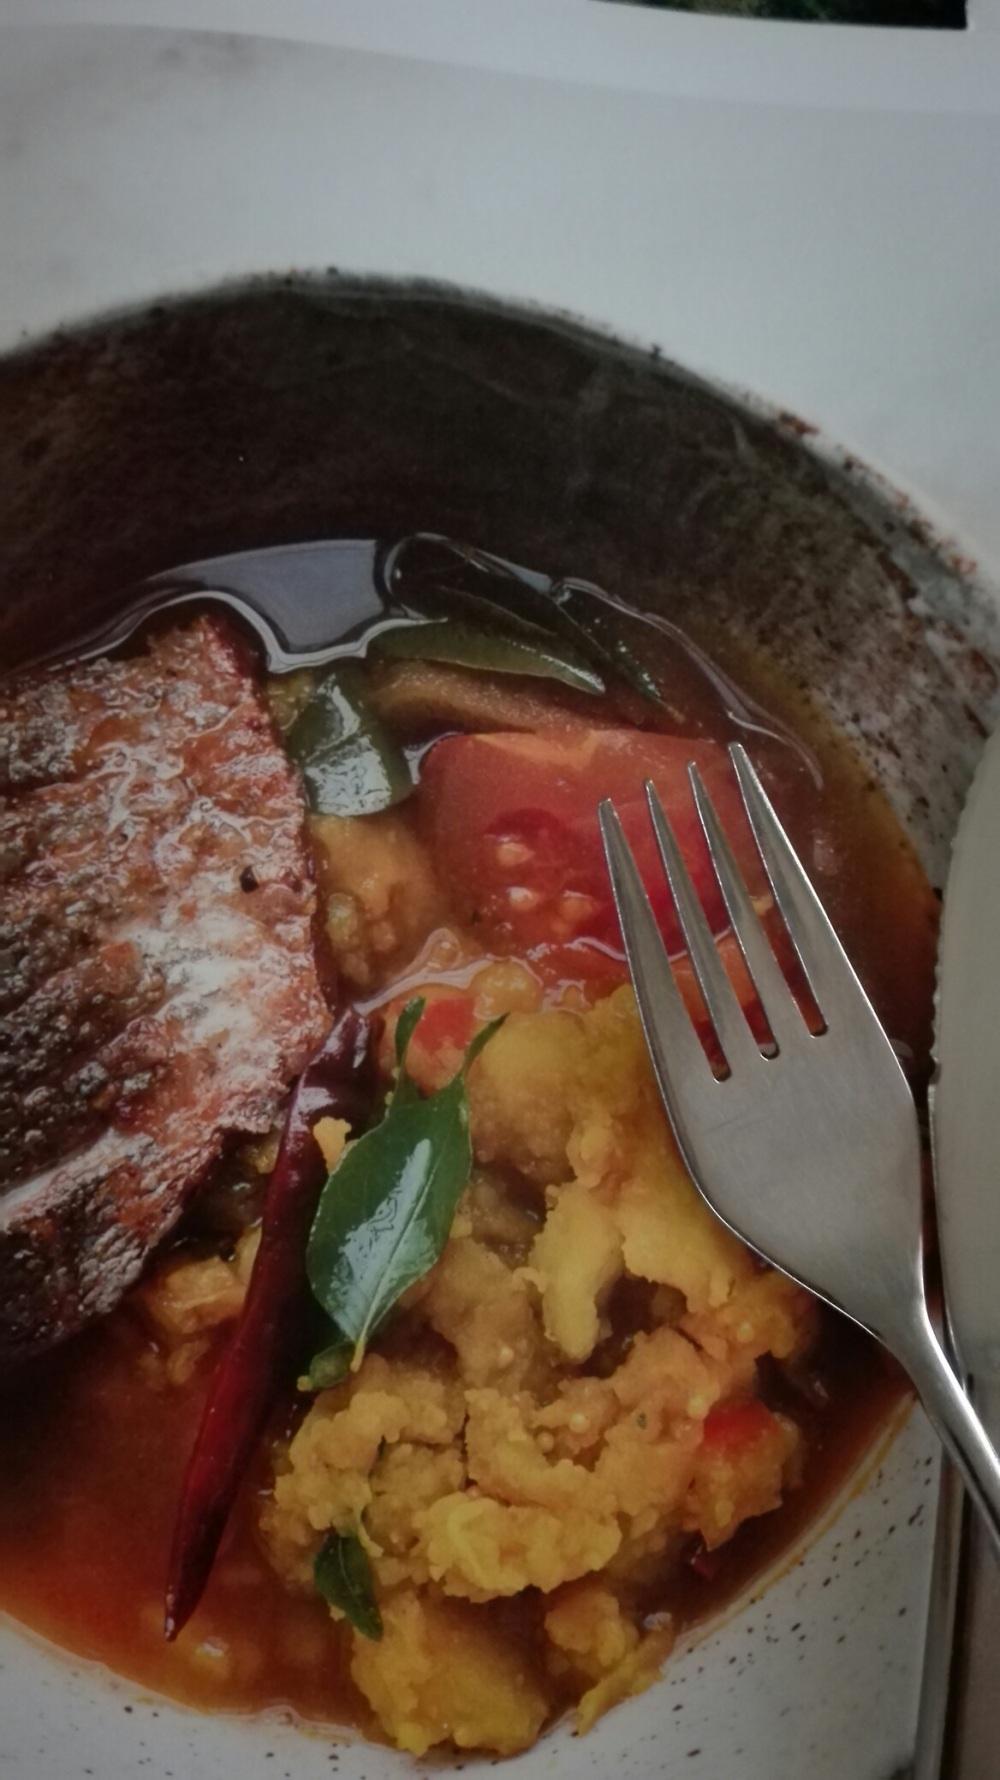 gebakken vis met geelwortelaardappels in rasambouillon